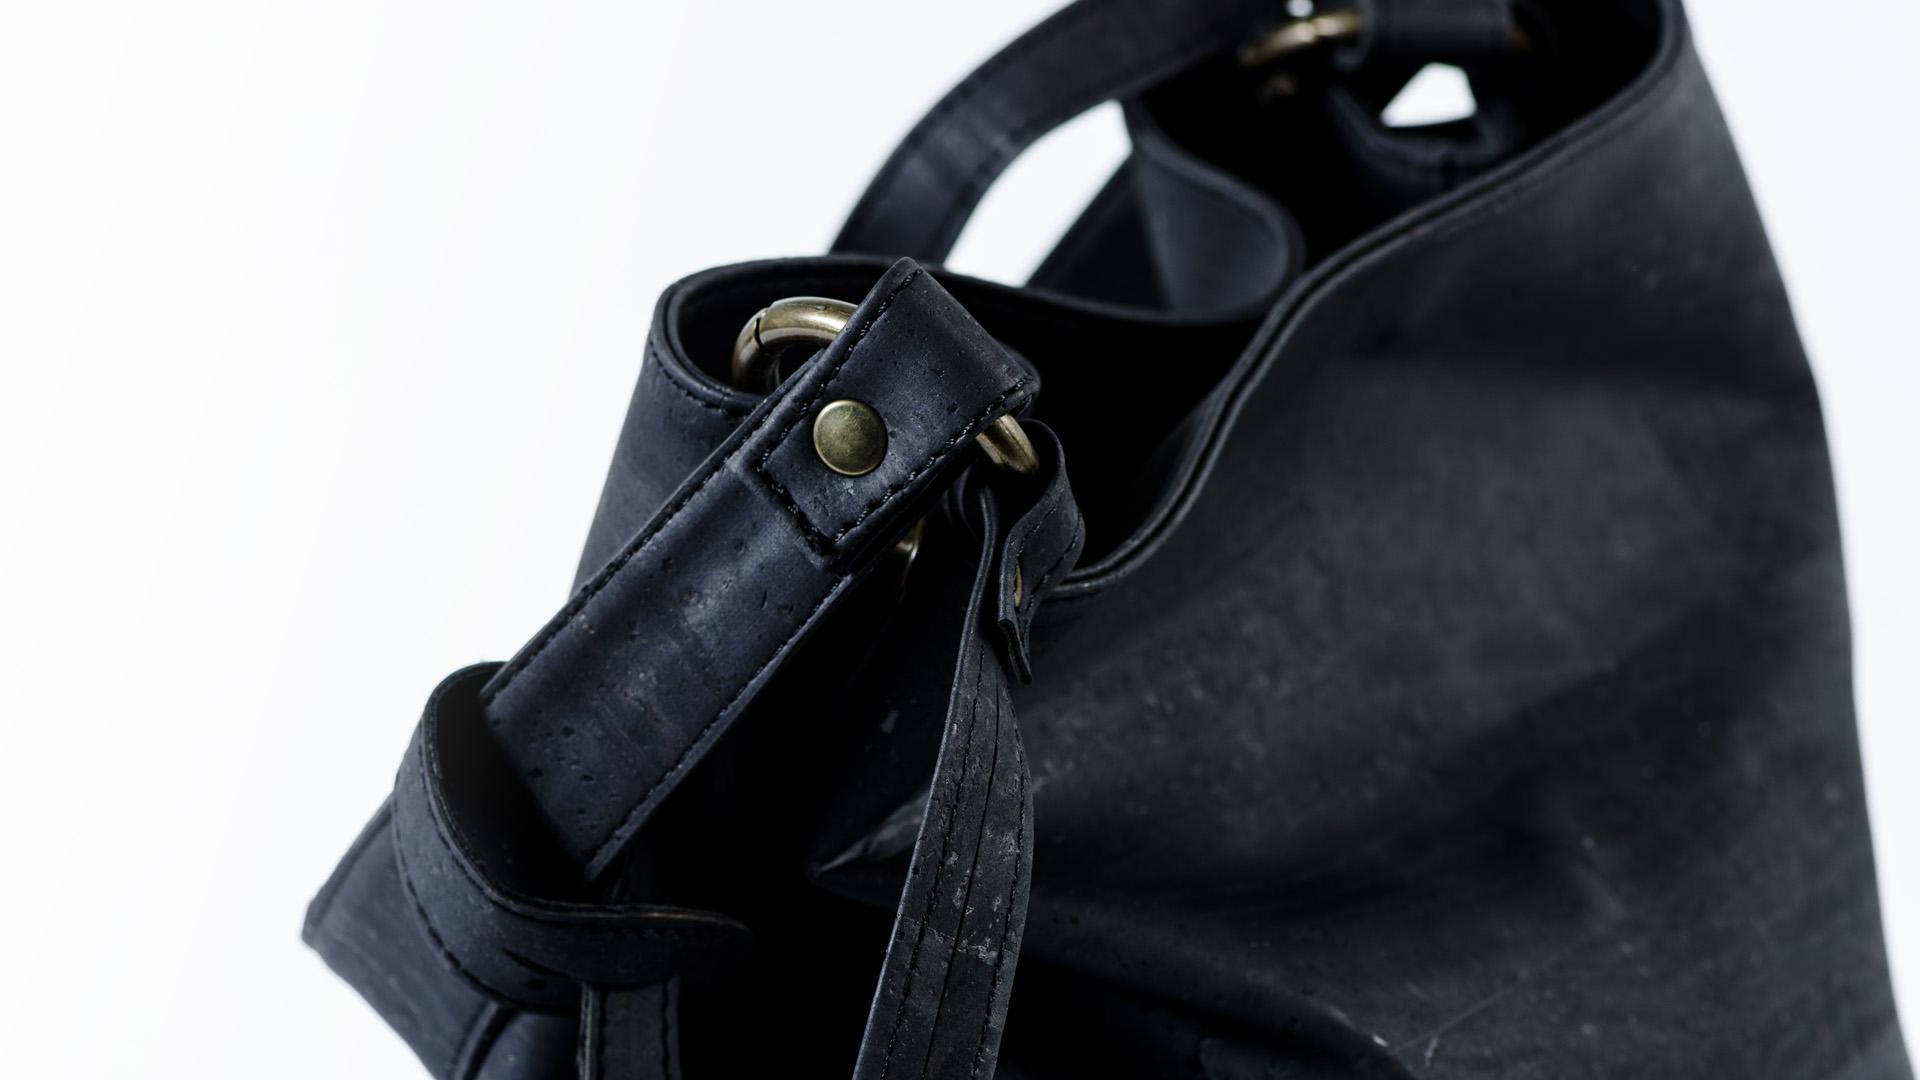 Korktasche, Kork Tasche Companion, Black, editorial